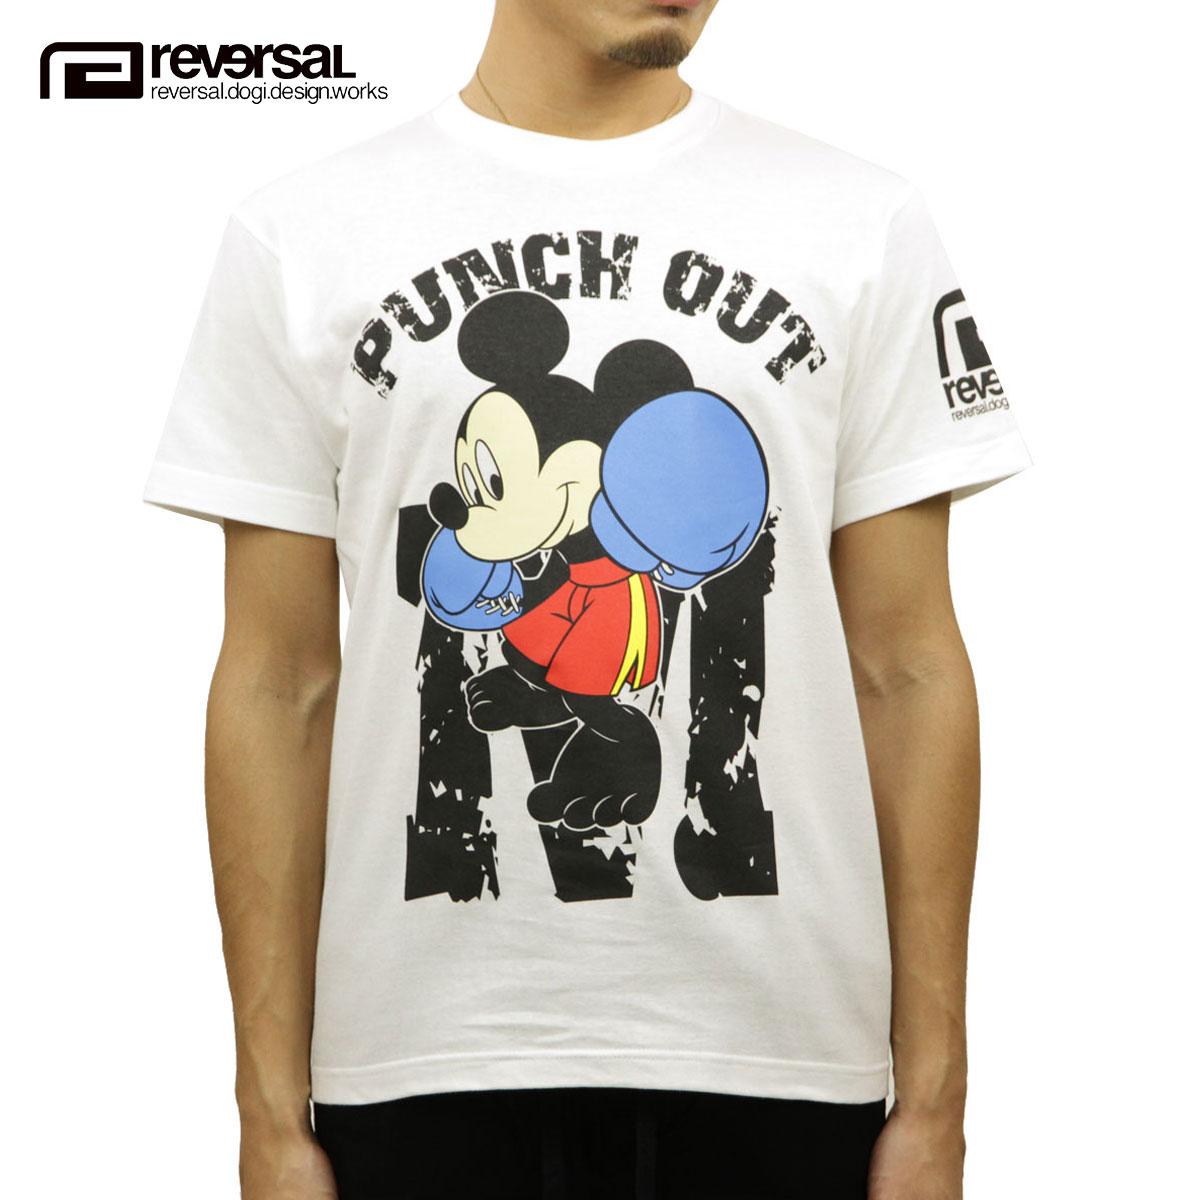 リバーサル Tシャツ メンズ 正規販売店 REVERSAL 半袖Tシャツ ミッキーマウスデザイン ボクシング クルーネック MICKEY MOUSE / BOXING TEERVMKY14AW003WHITE